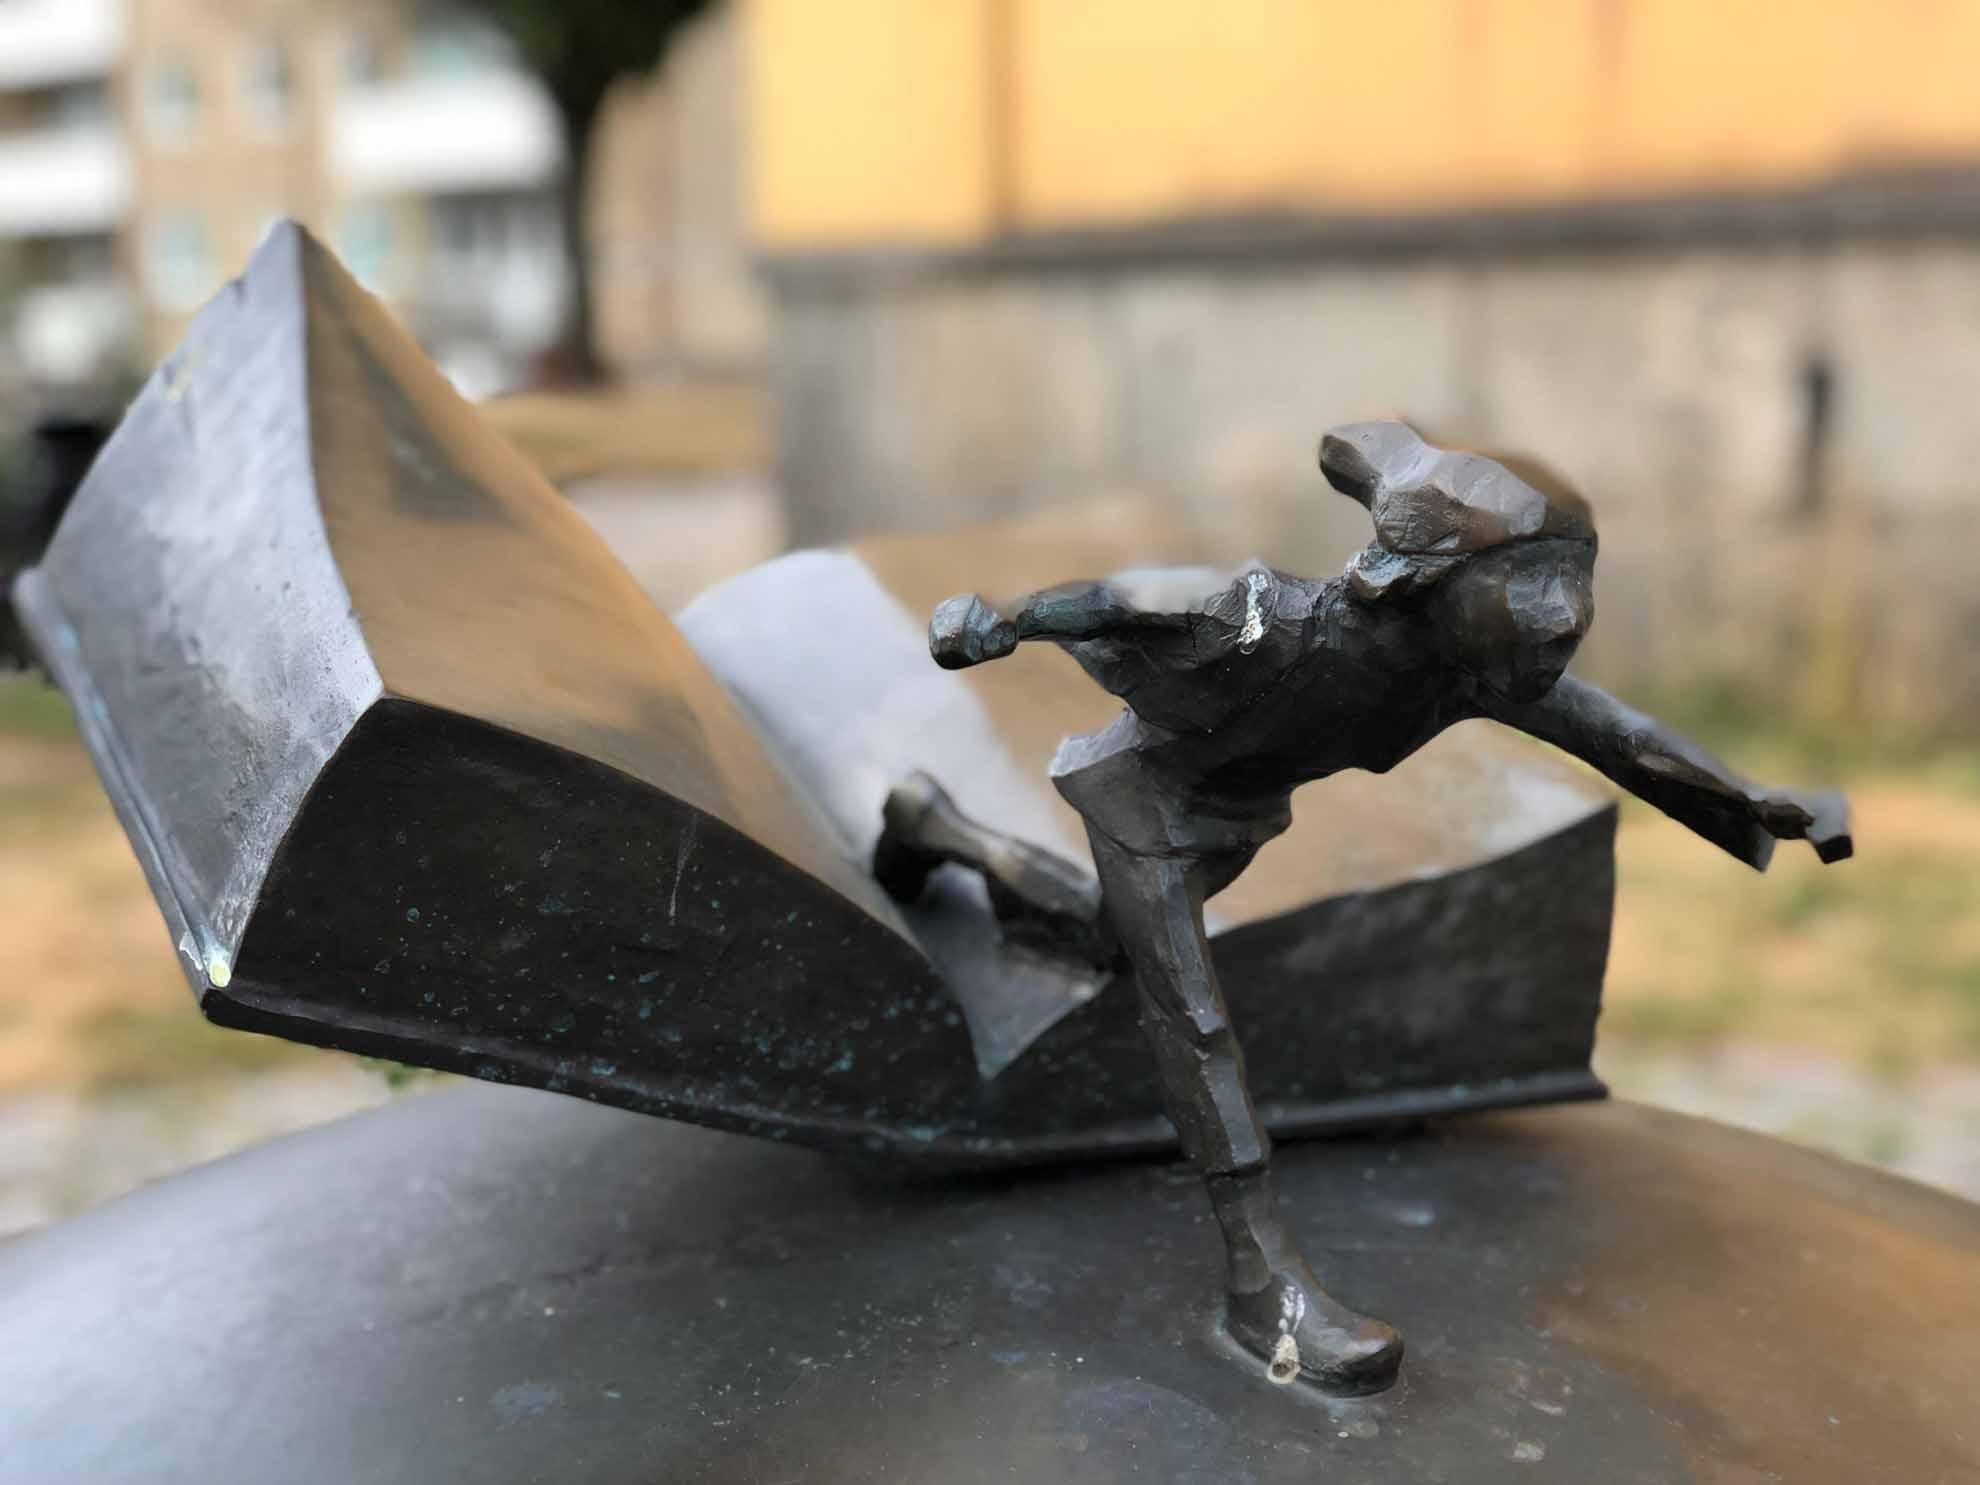 In Karlskrona finden wir die Statue des kleinen Nils Holgersson. Schriftstellerin Selma Lagerlöf lässt ihn auch Karlskrona entdecken.